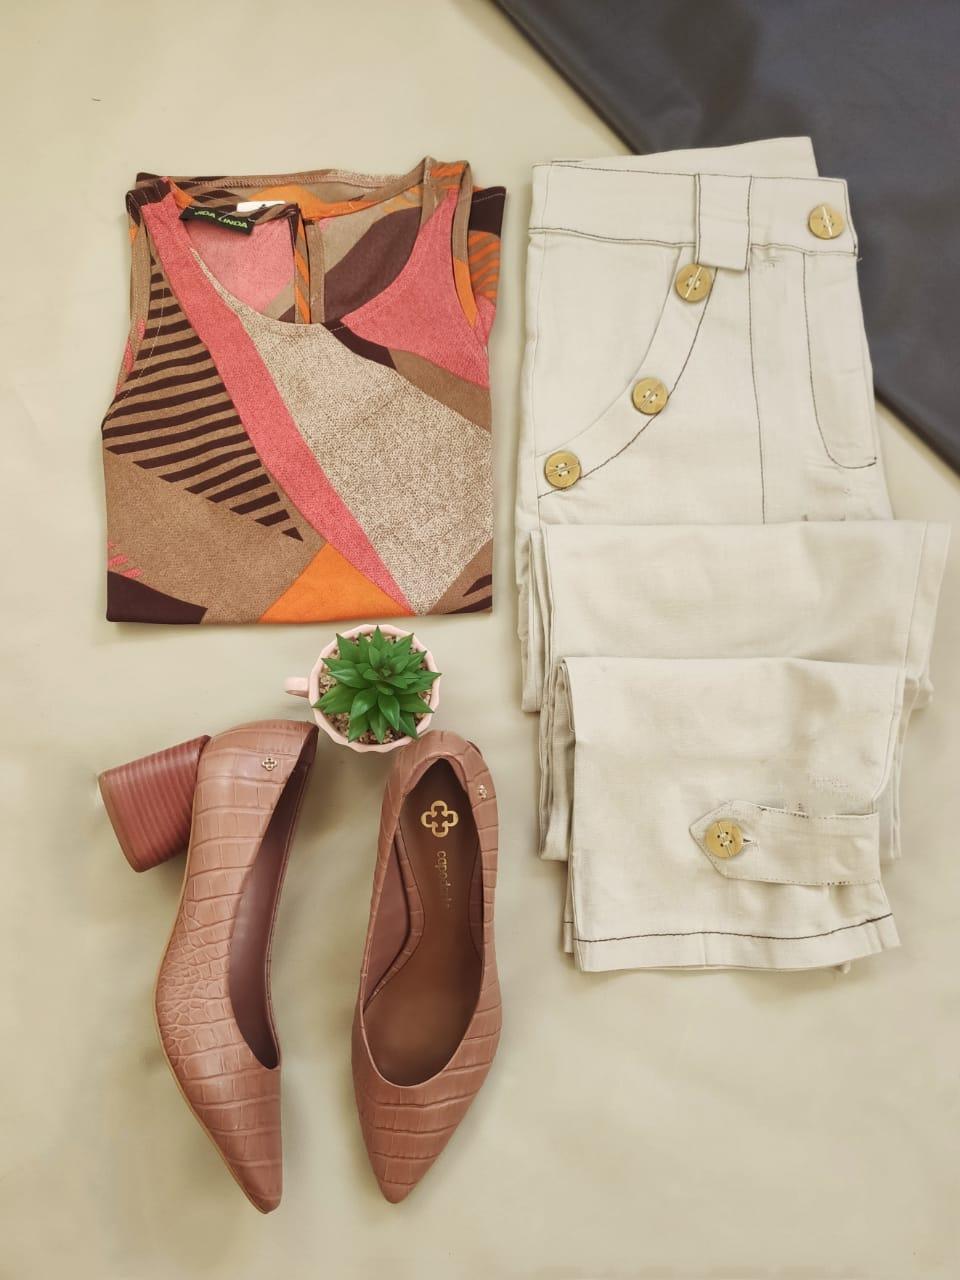 Blusa Cava Americana Estampada Rosa + Calça Skinny Botões Bolso Nude